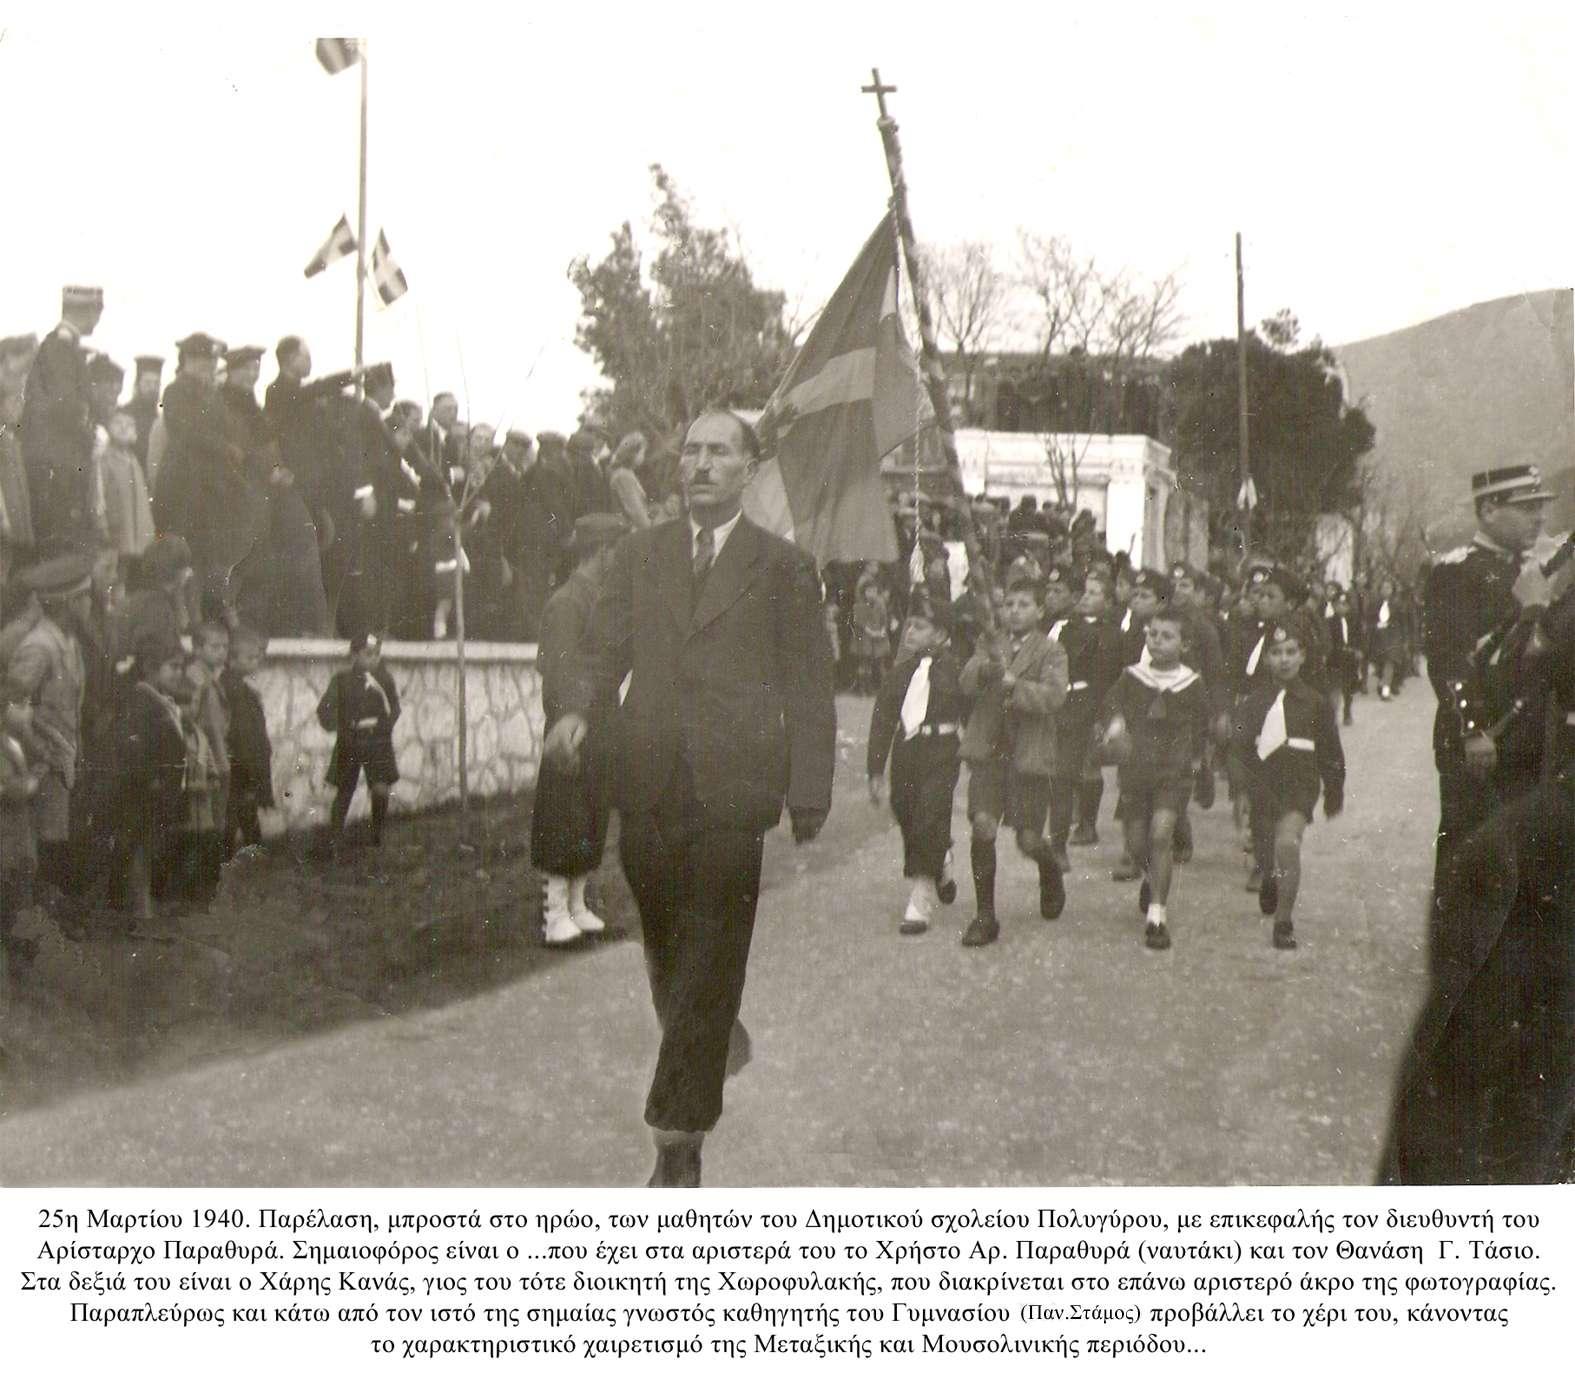 Παρέλαση της ΕΟΝ το 1940.